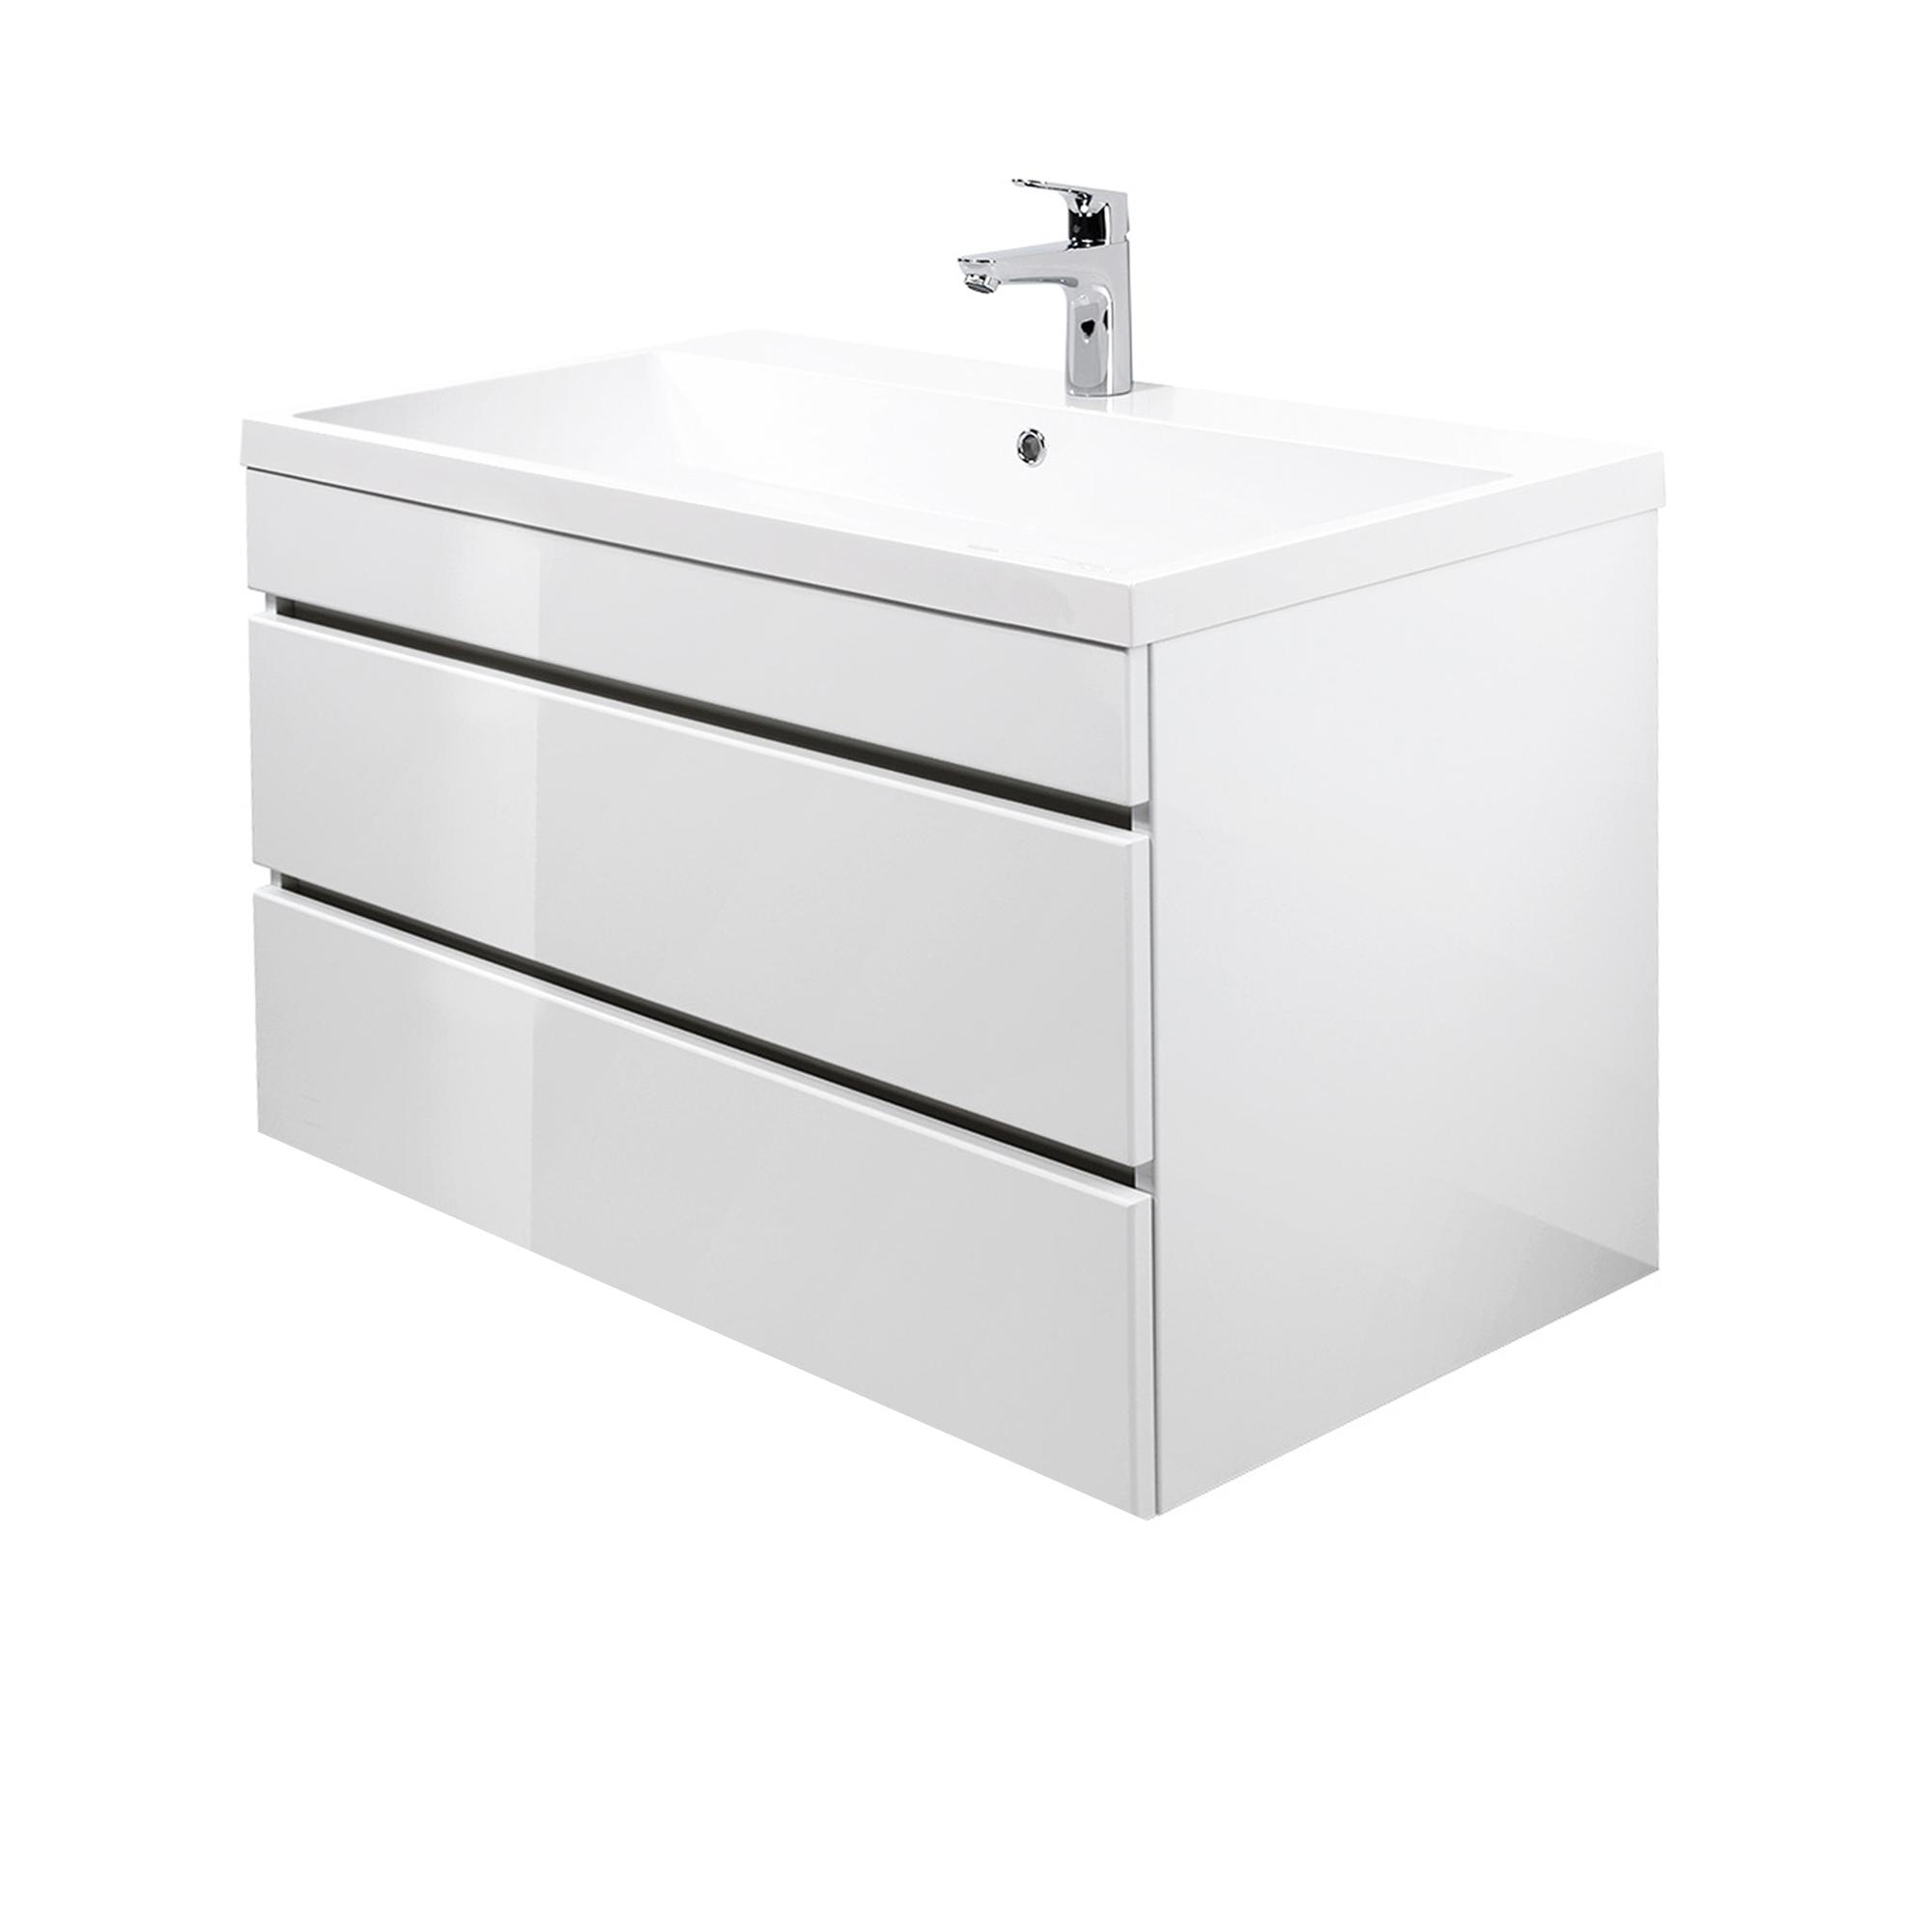 waschtisch unterschrank mit mineralgussbecken waschbeckenschrank hochglanz wei ebay. Black Bedroom Furniture Sets. Home Design Ideas